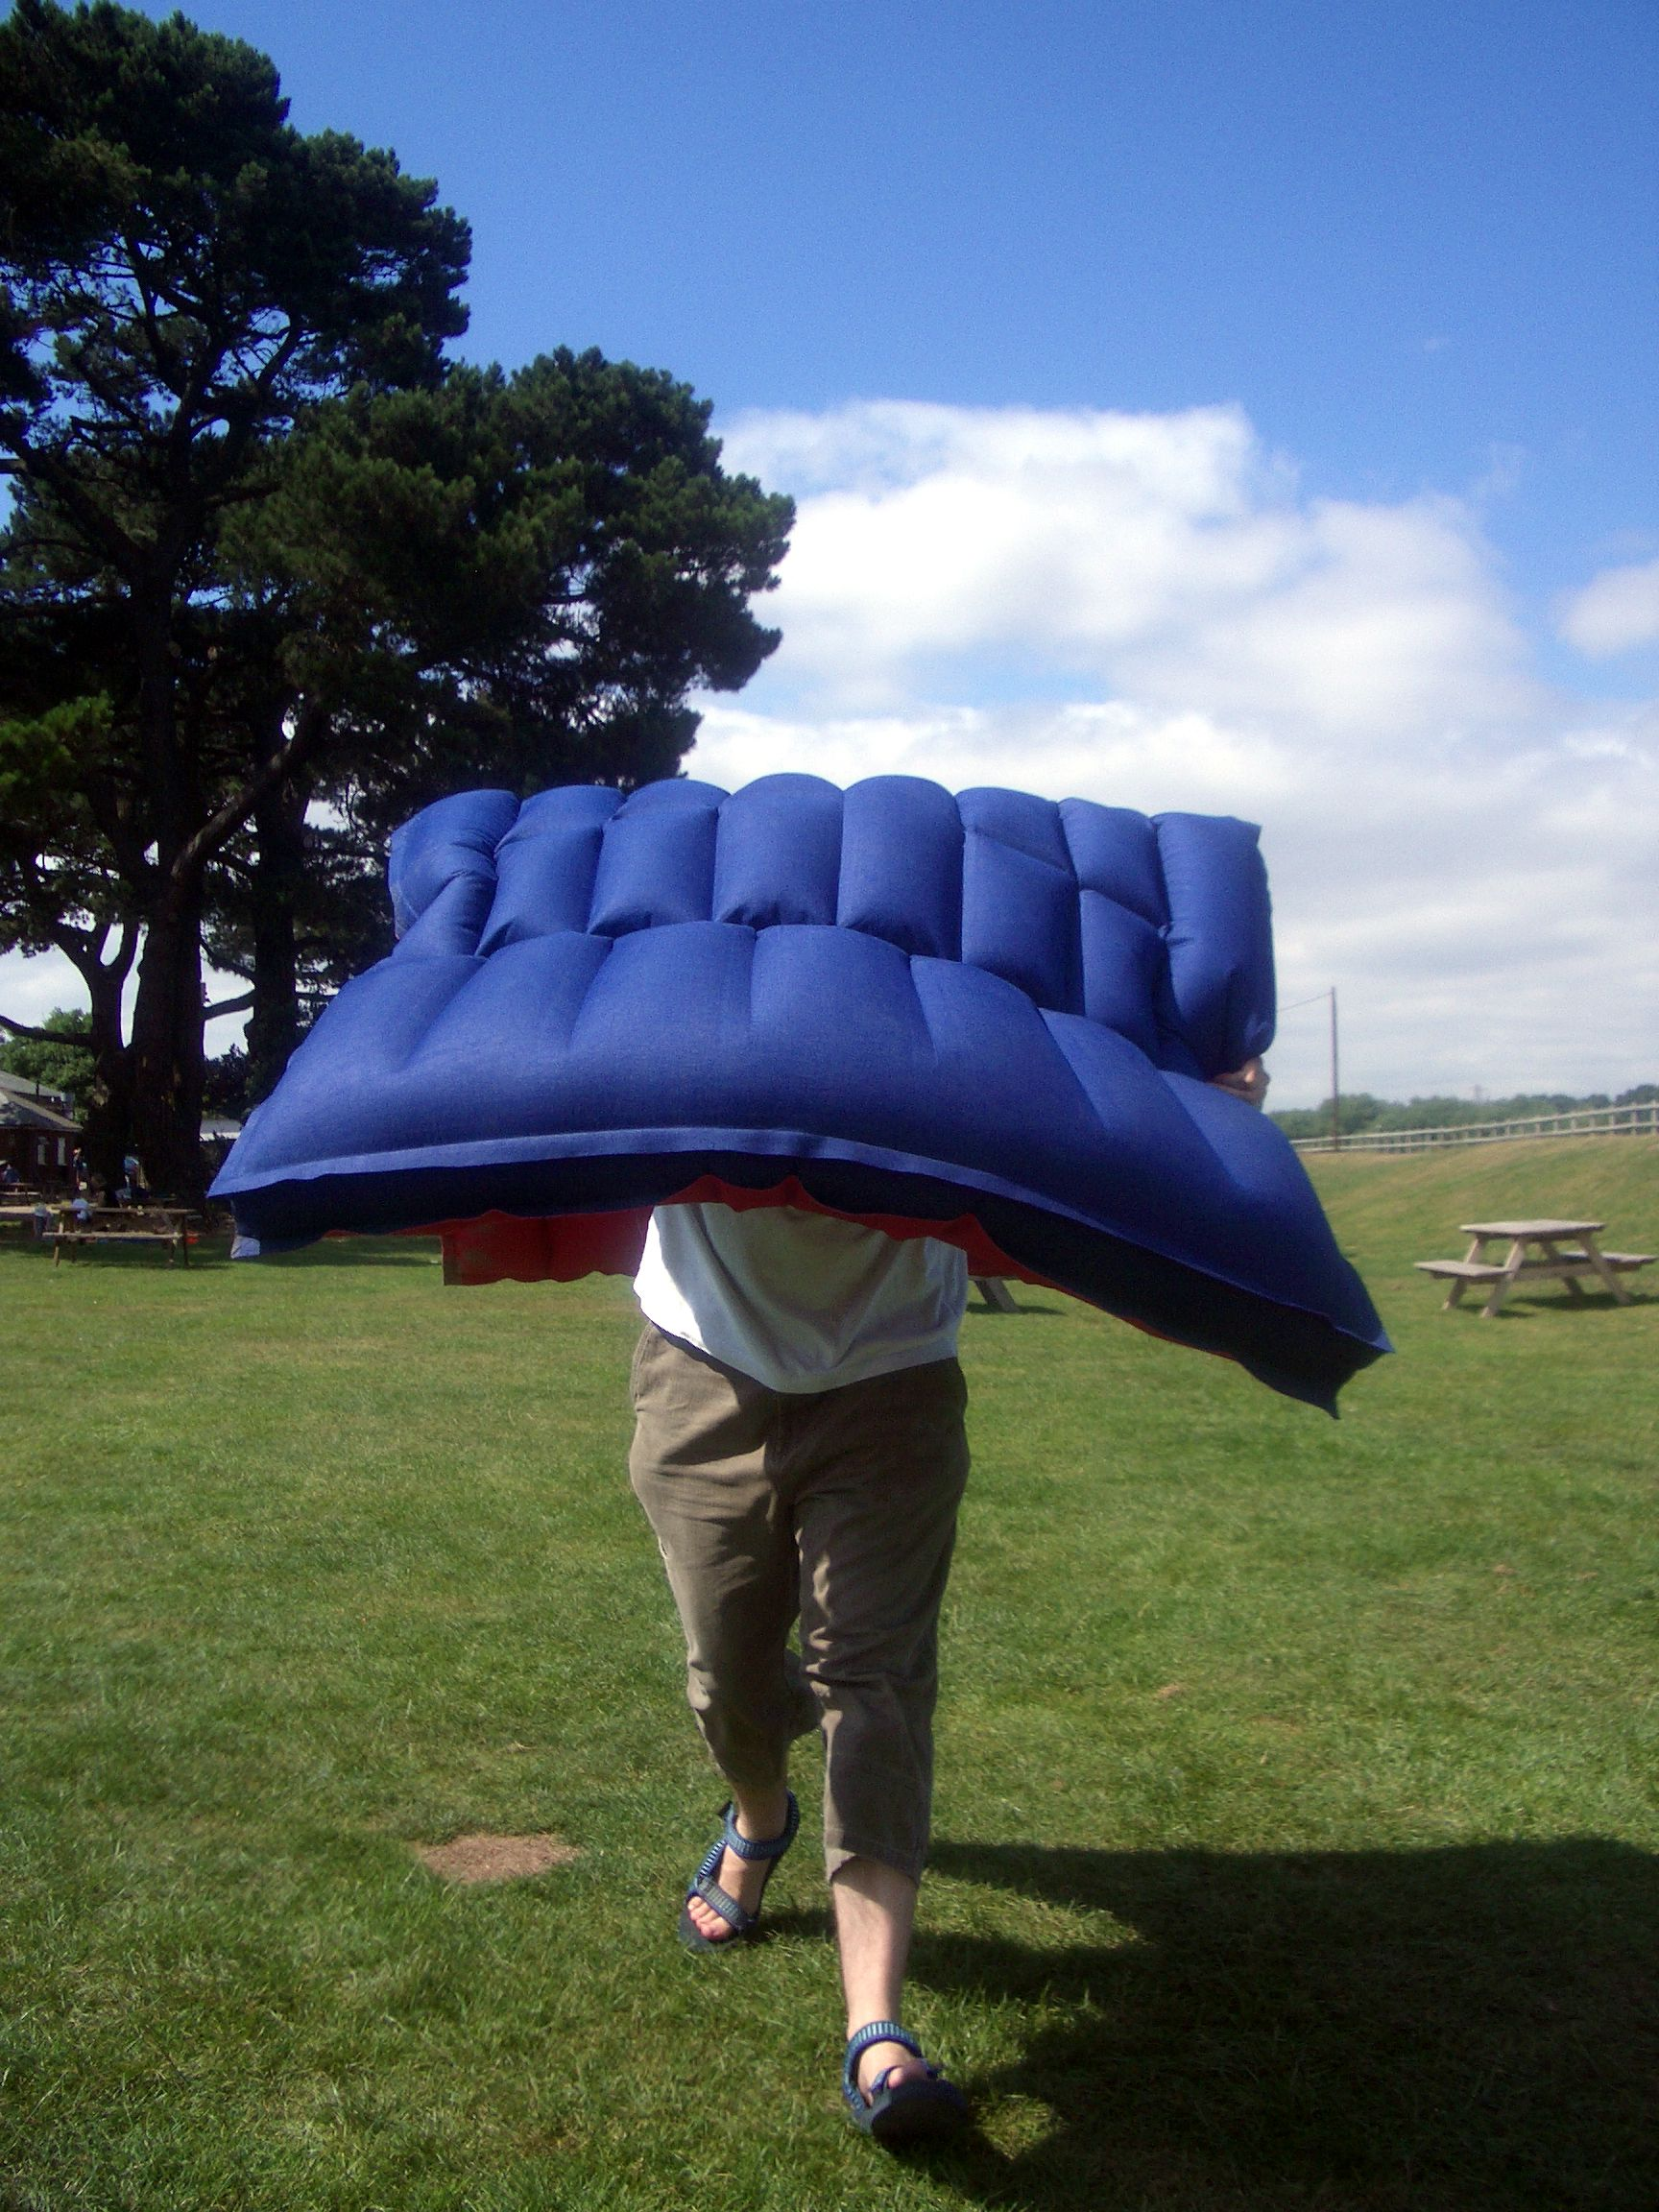 Locate a Leak in an Air Mattress Air mattress, Air